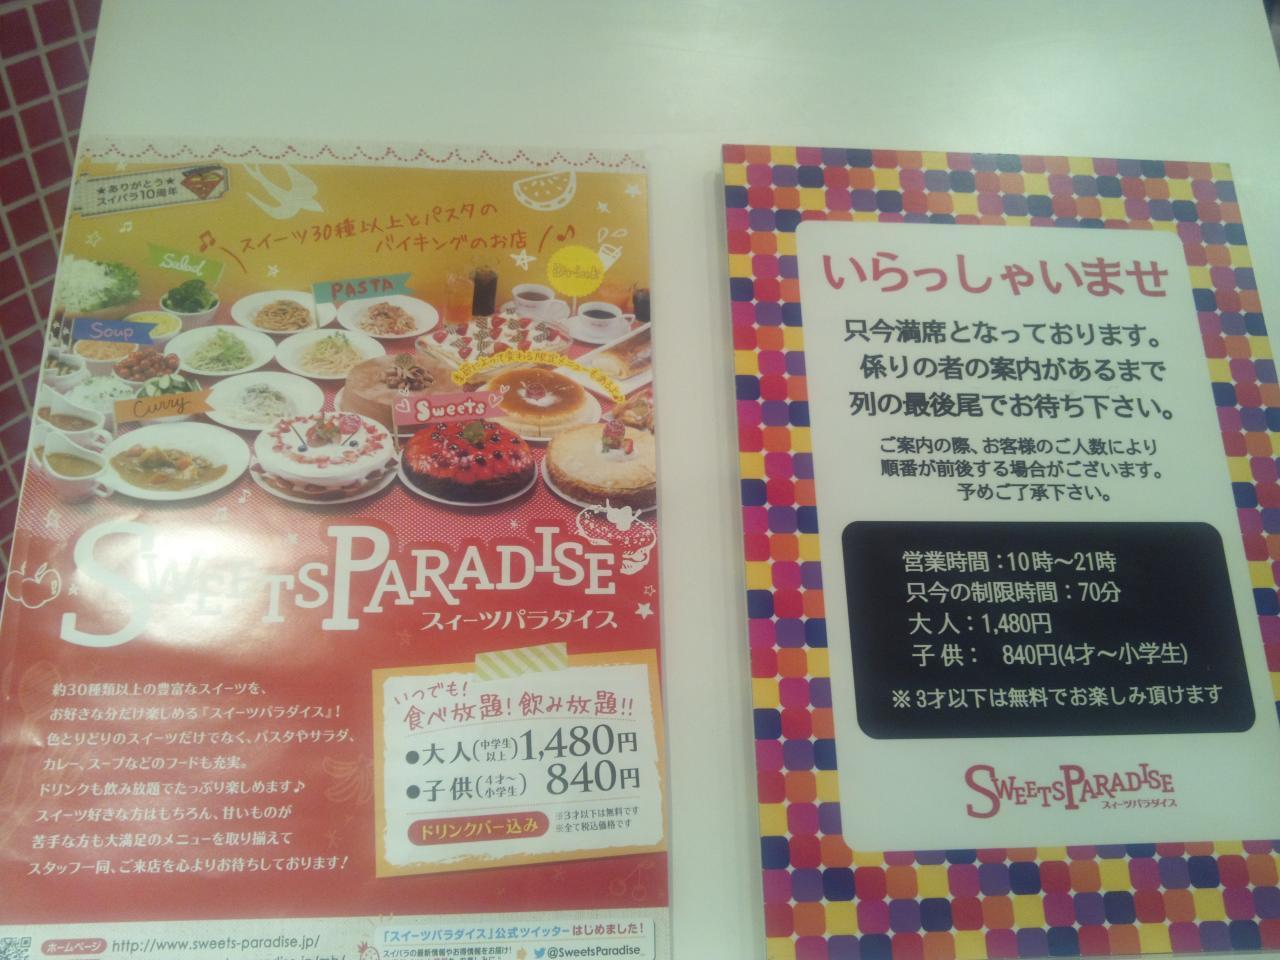 スイーツパラダイス渋谷パルコ店(店内)